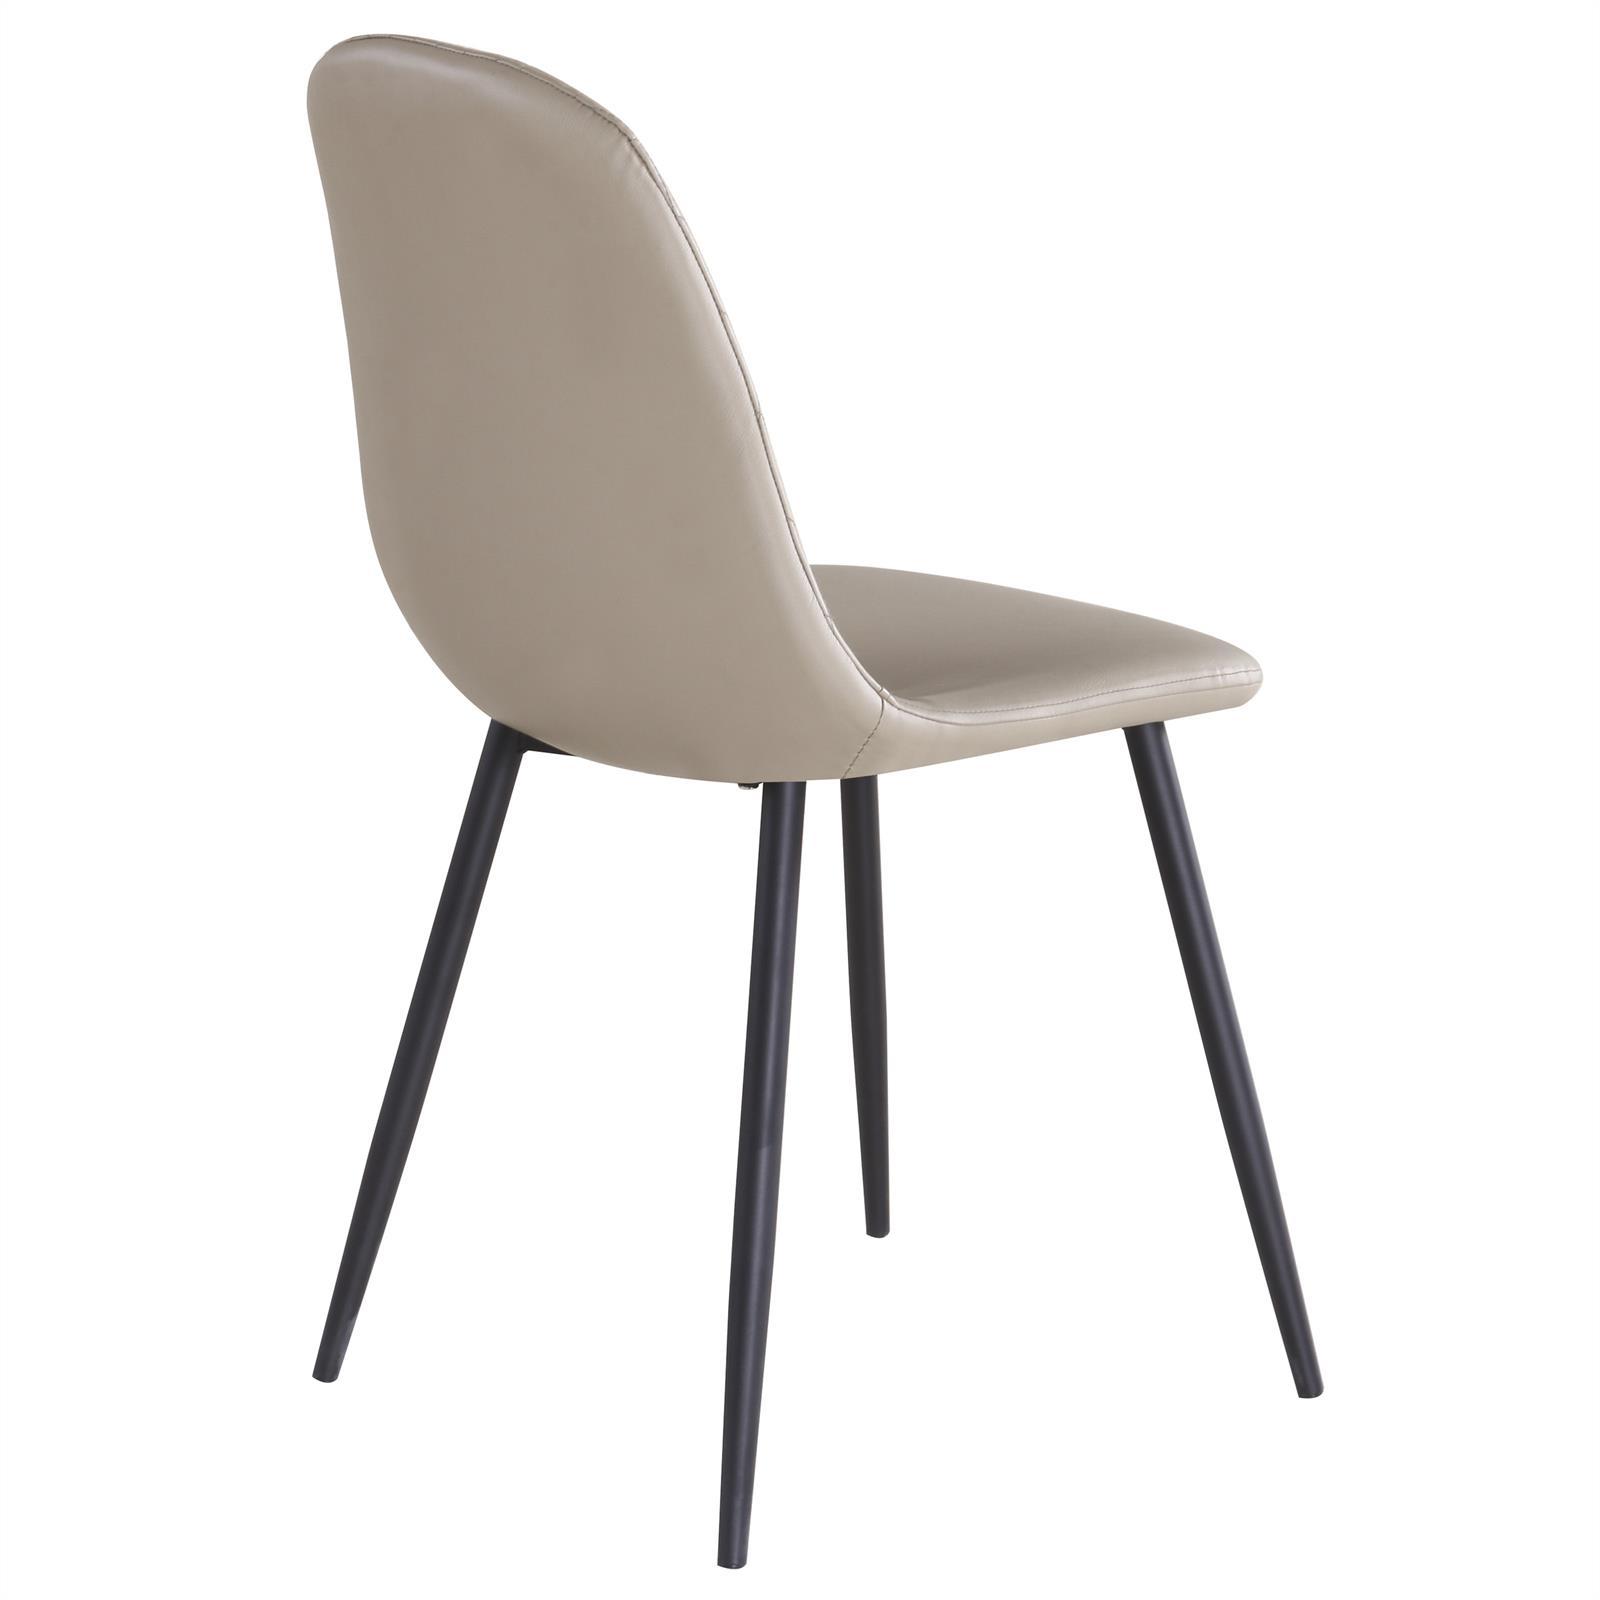 b ware esszimmerstuhl esstuhl essgruppe k chenstuhl im 4er set kunstleder 2 wahl ebay. Black Bedroom Furniture Sets. Home Design Ideas